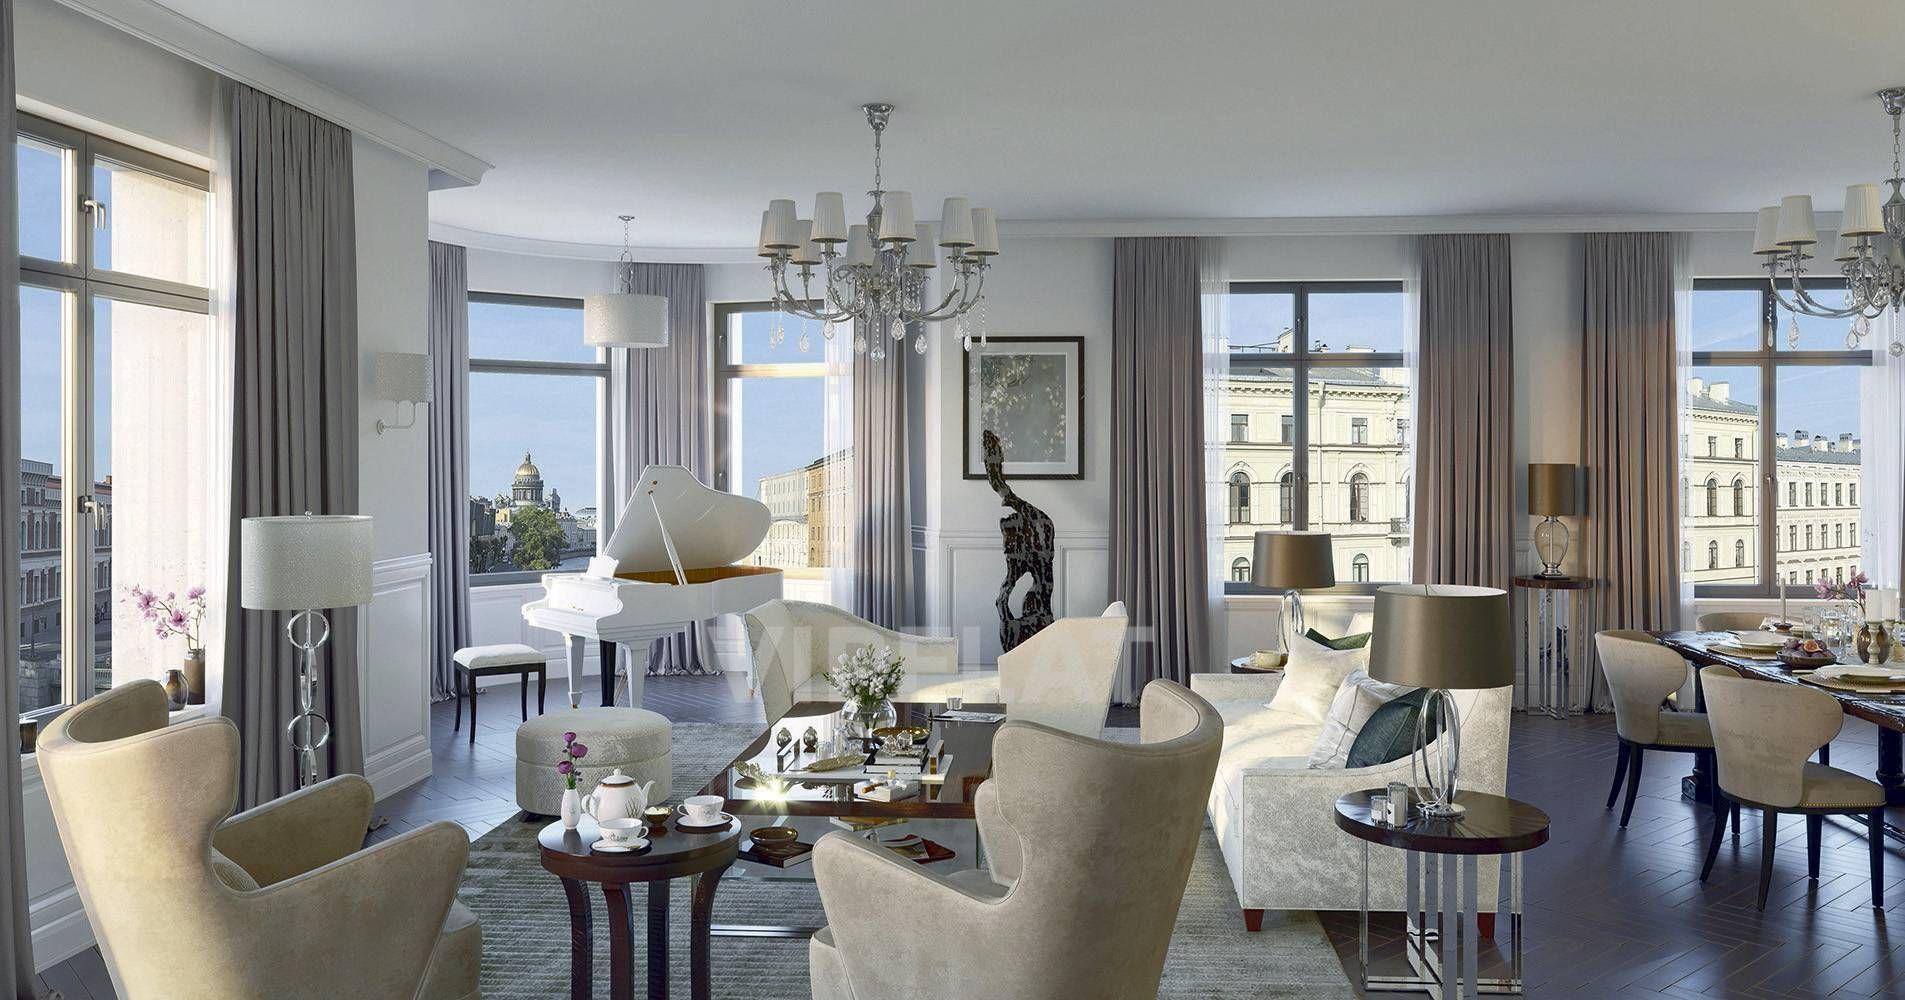 Продажа элитных квартир Санкт-Петербурга. «Art View House» Мойки реки наб., 102  Дизайн-проект гостиной